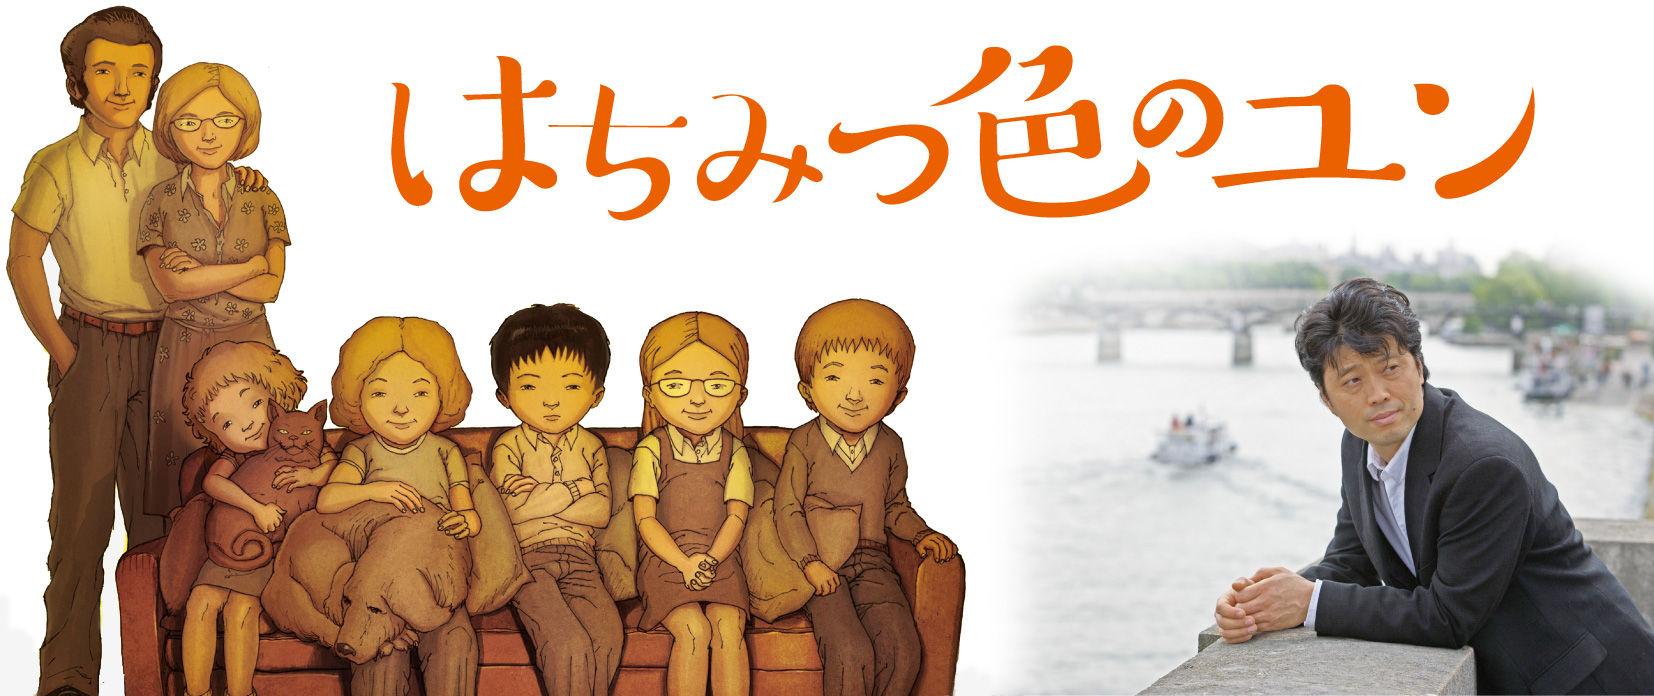 メ芸新潟展 記憶と記録のモノ潟り、デジタルコンテンツEXPO